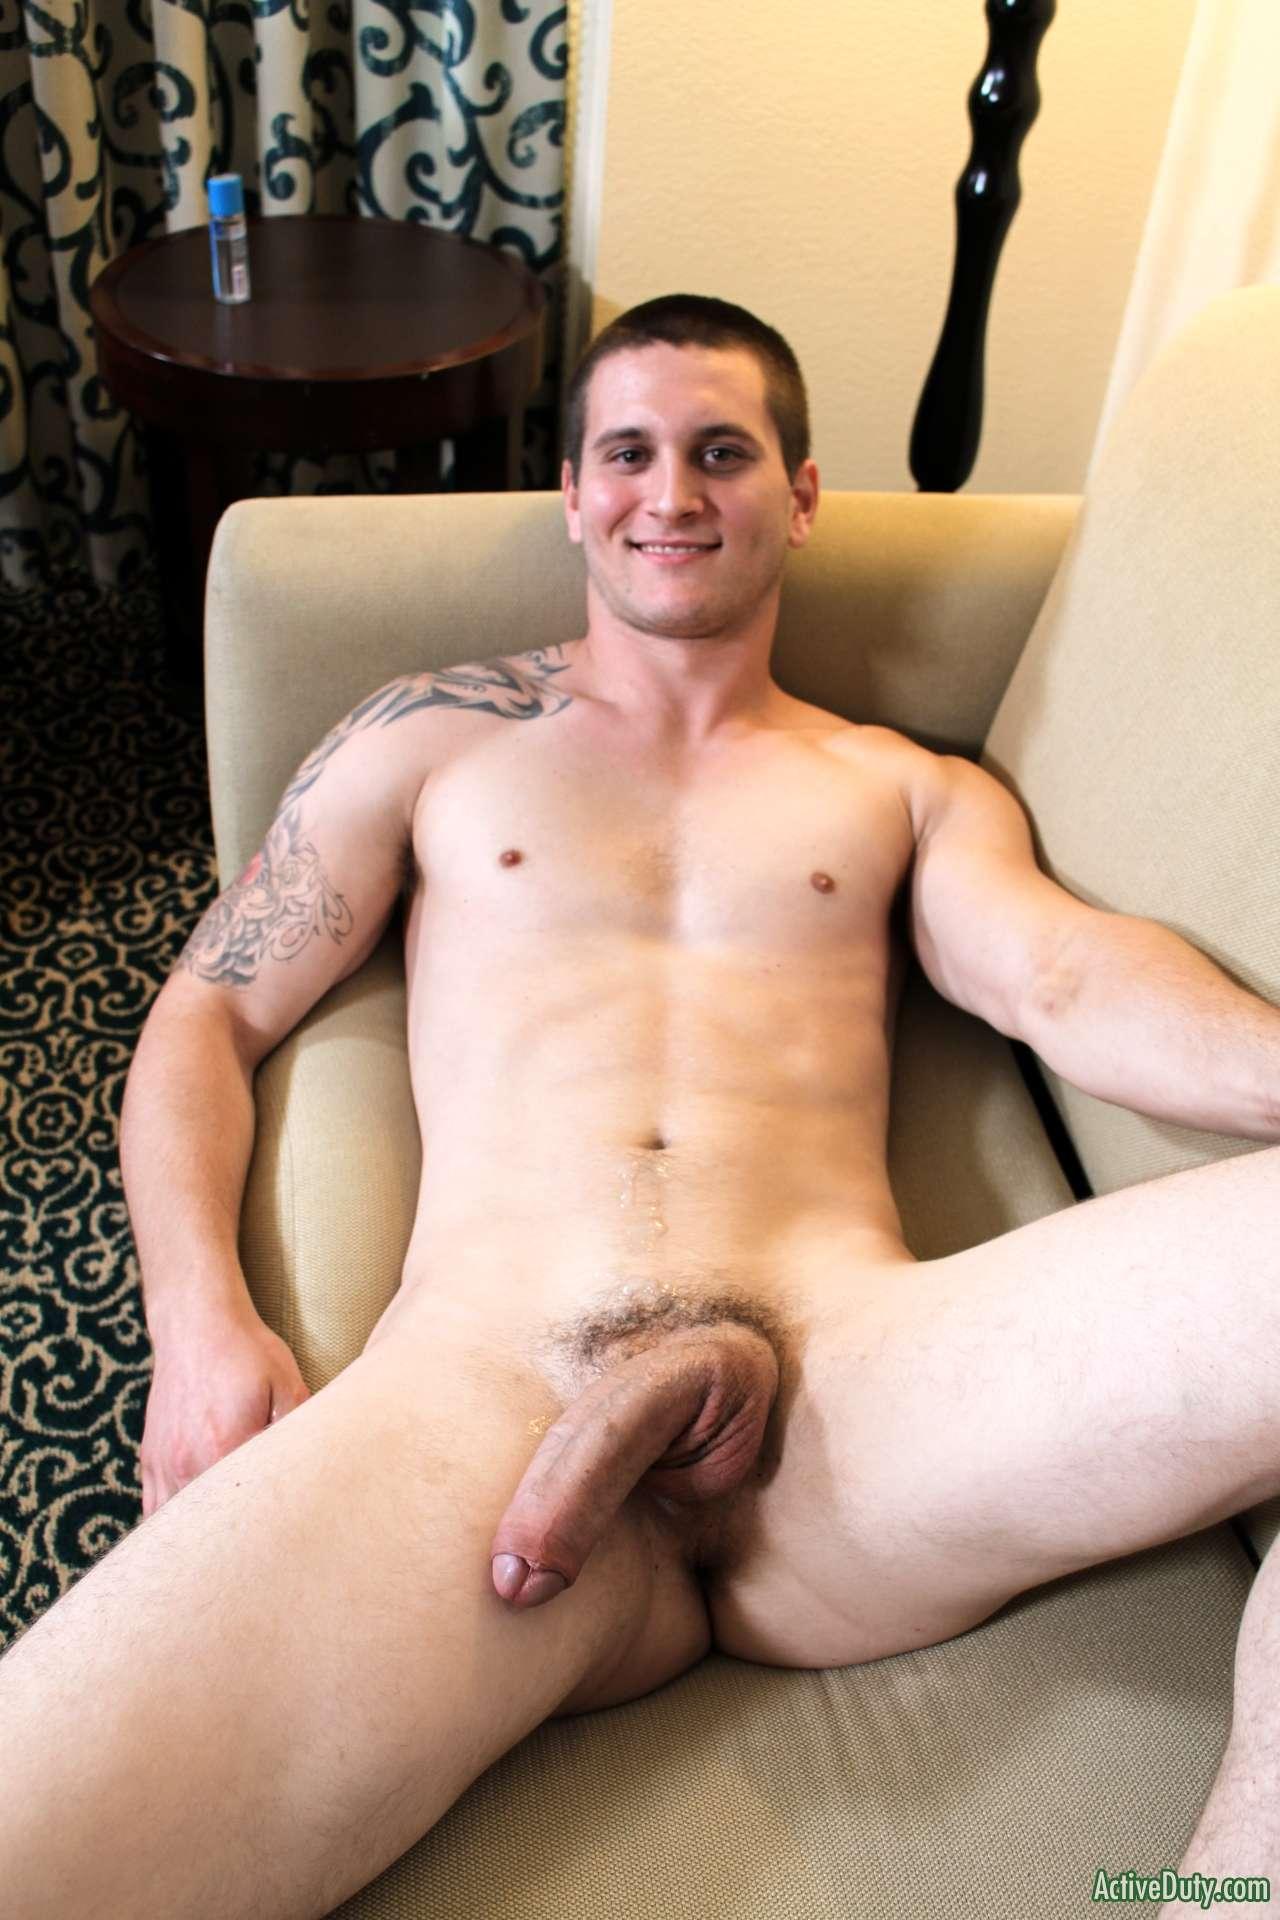 Big floppy cock